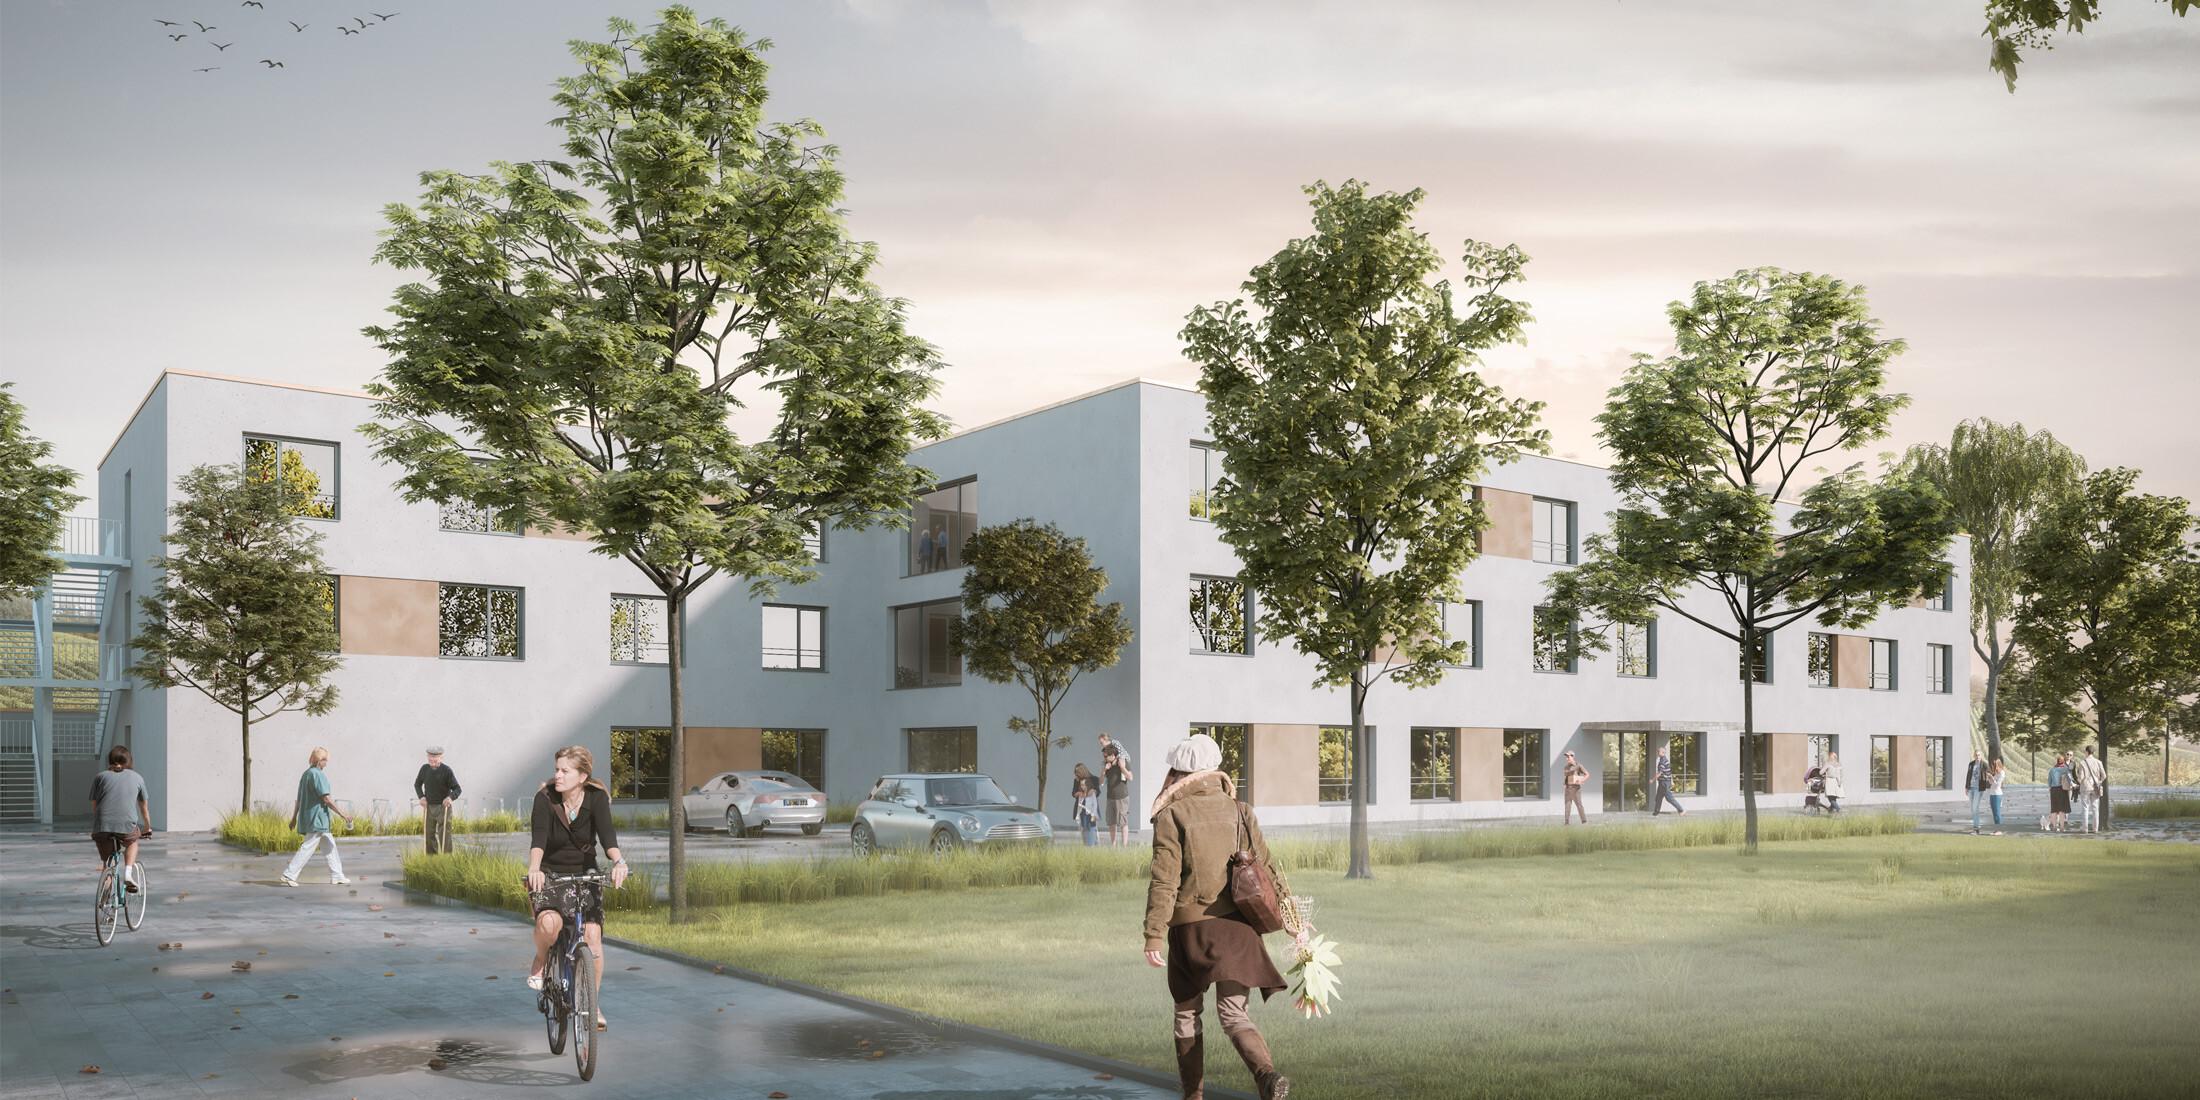 06_pflege_pflegeheim-am-sonnenstueck-schlingen_rendering_visualisierung_herrmann-bosch-architekten-stuttgart